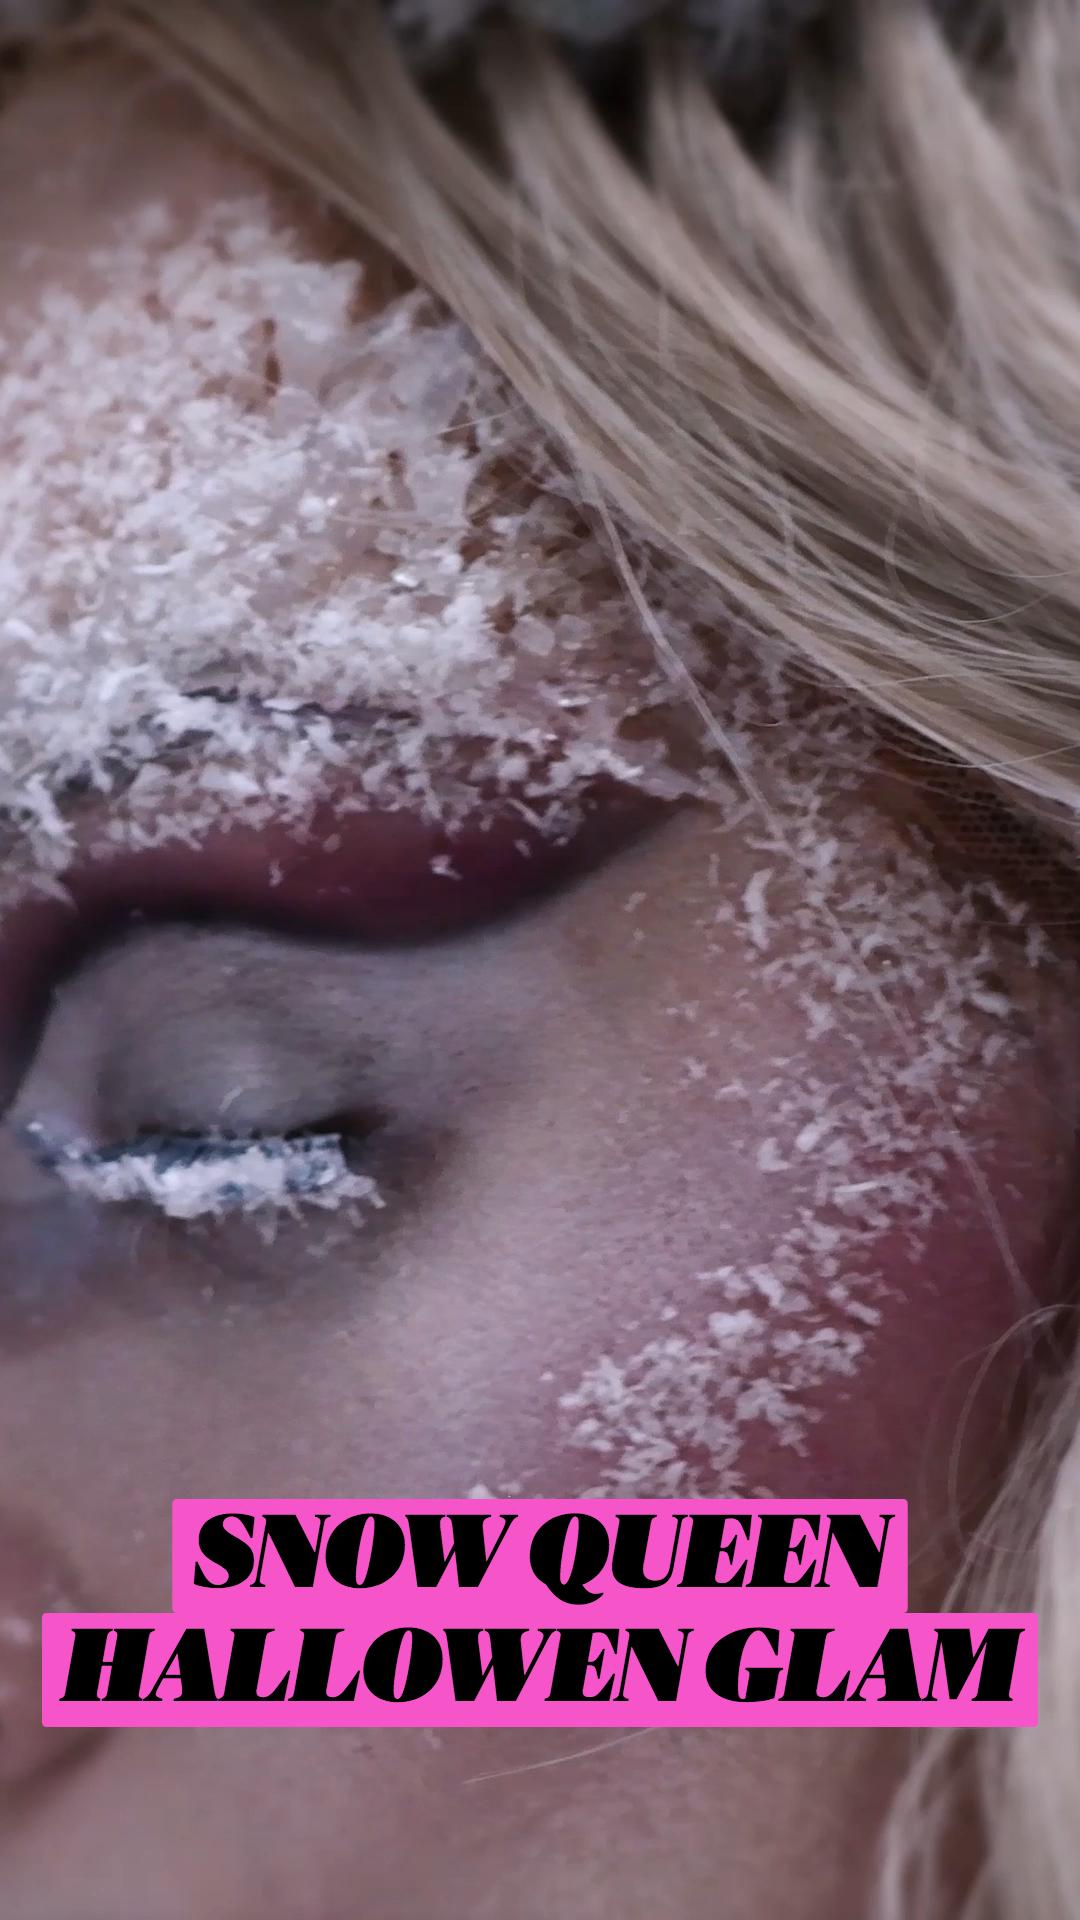 SNOW QUEEN HALLOWEN GLAM